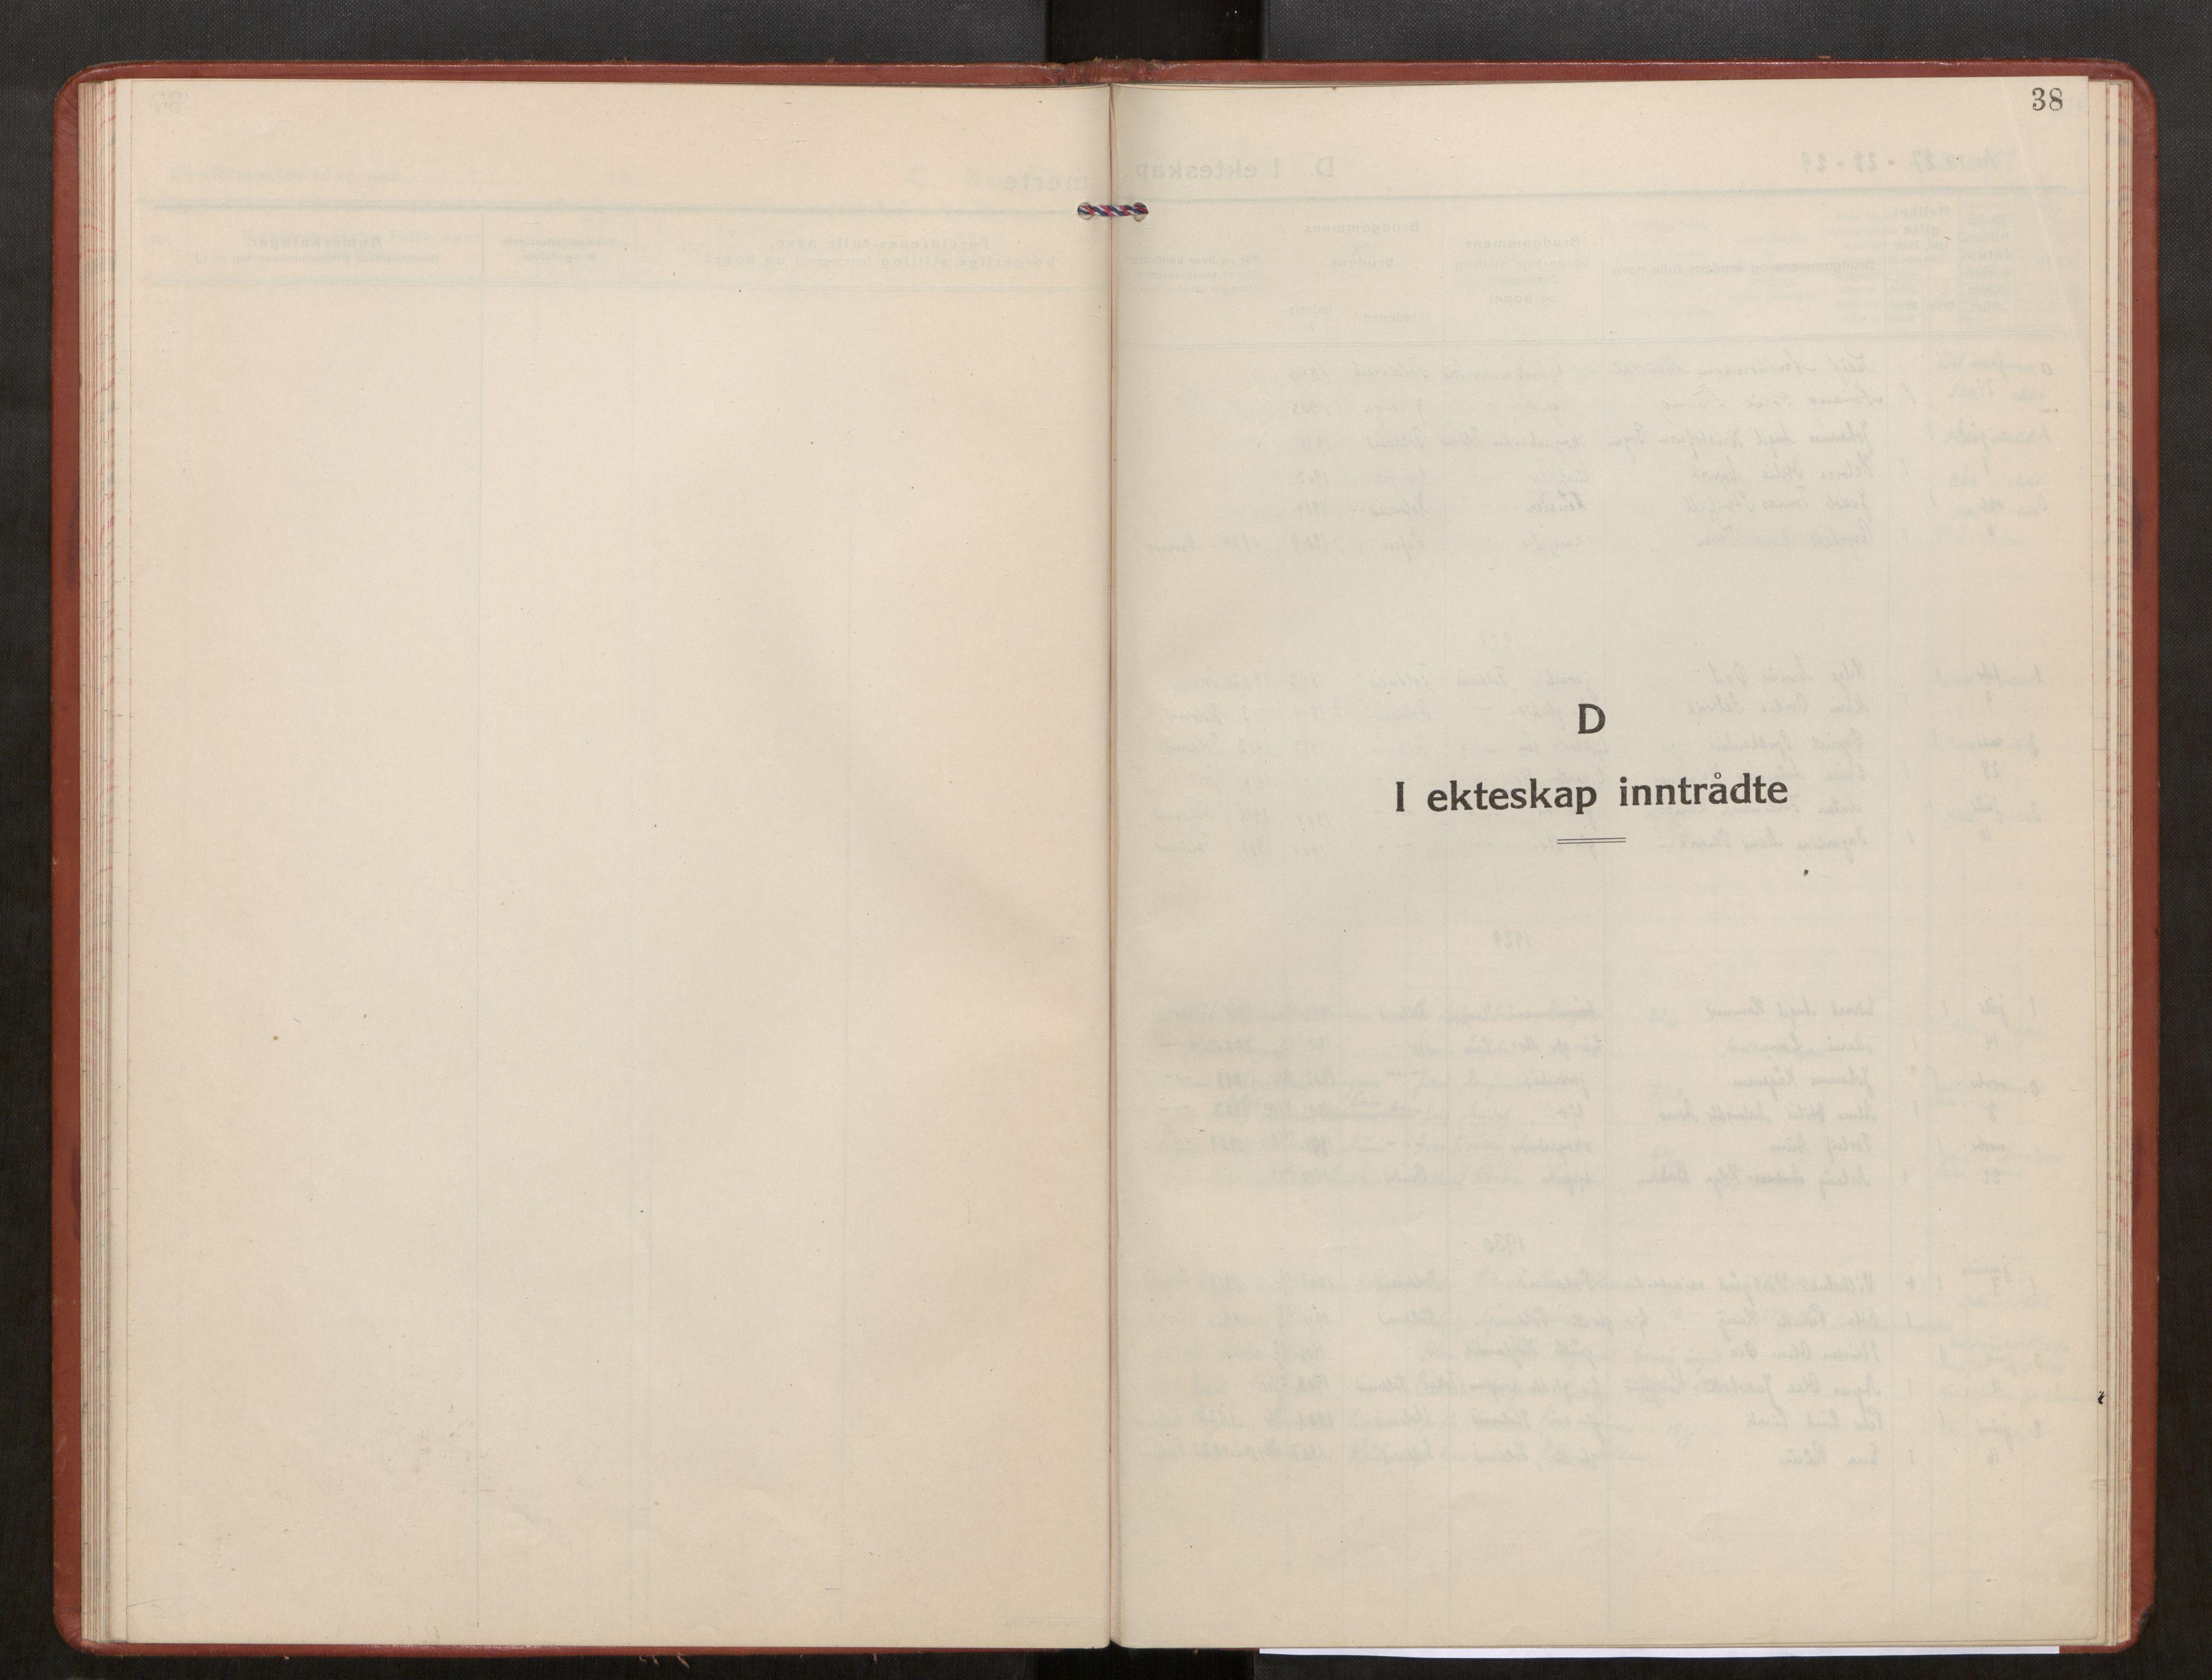 SAT, Kolvereid sokneprestkontor, H/Ha/Haa/L0003: Parish register (official) no. 3, 1927-1935, p. 38